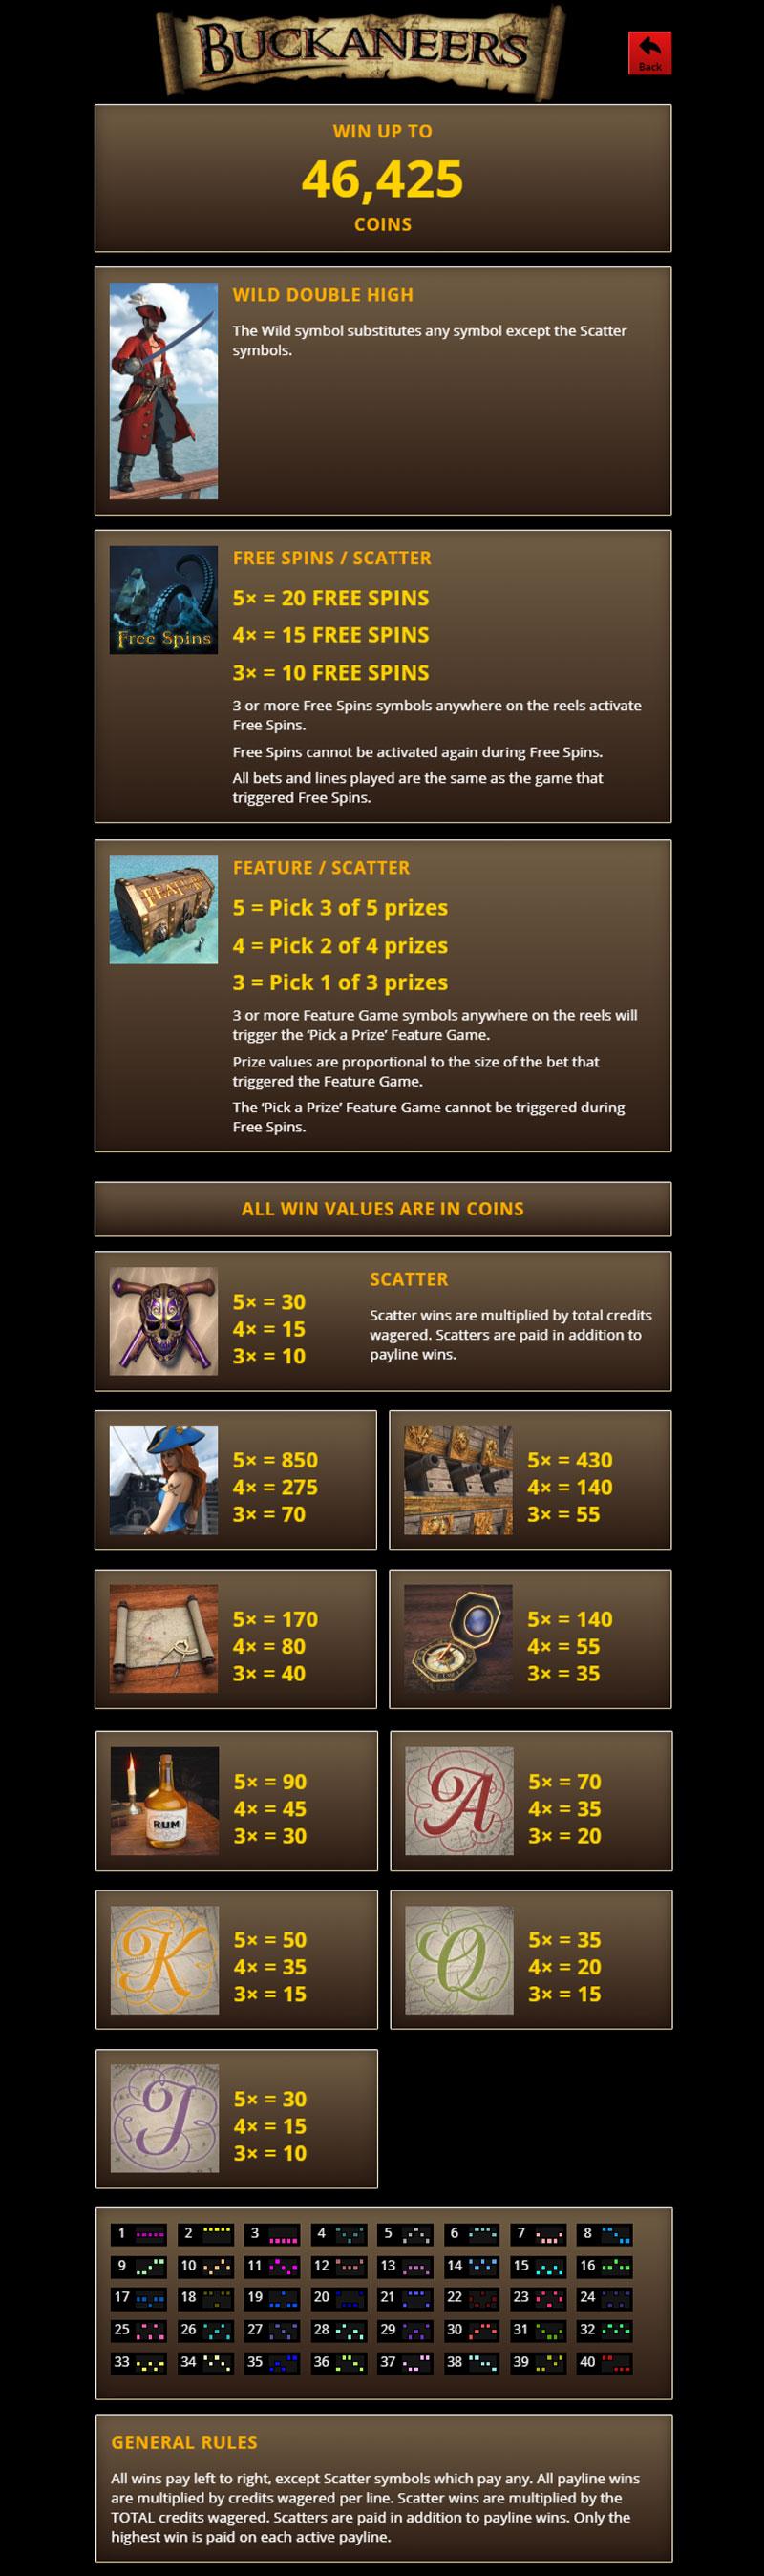 Buckaneers Pay Table Screenshot, Big Dollar Casino